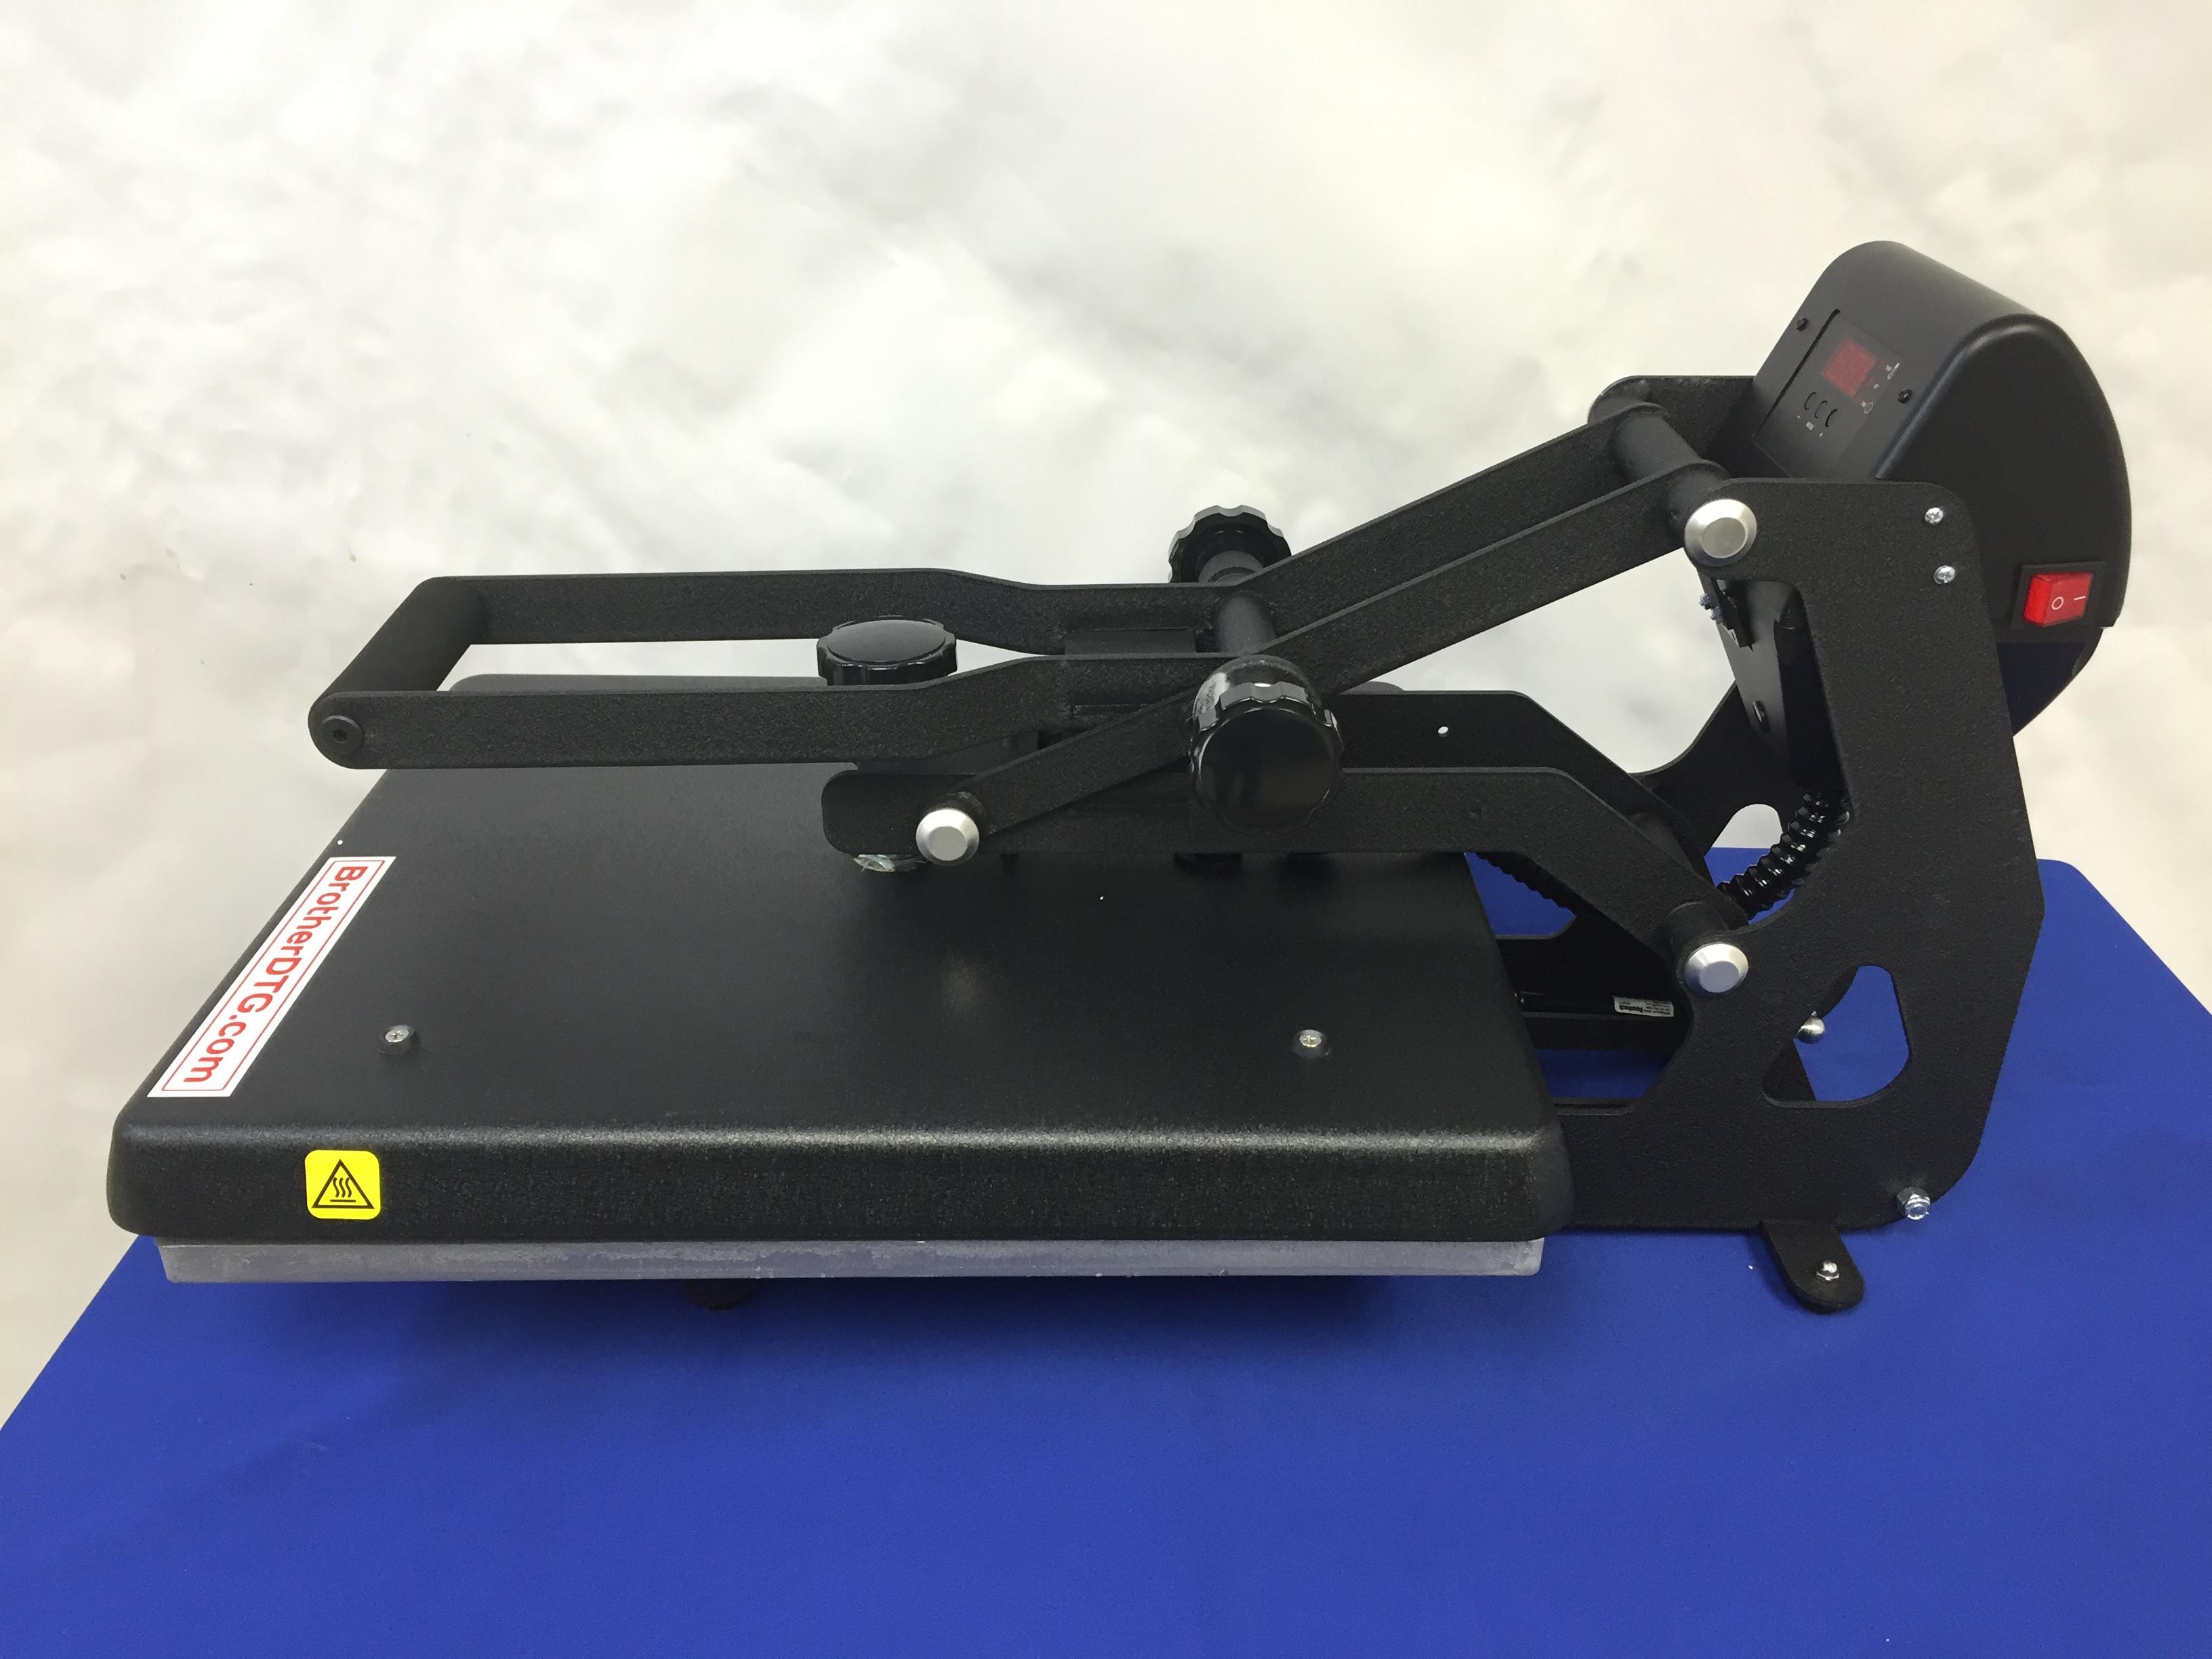 Maxx 2G+ Dual Pressure Heat Press with Auto-Release 220V